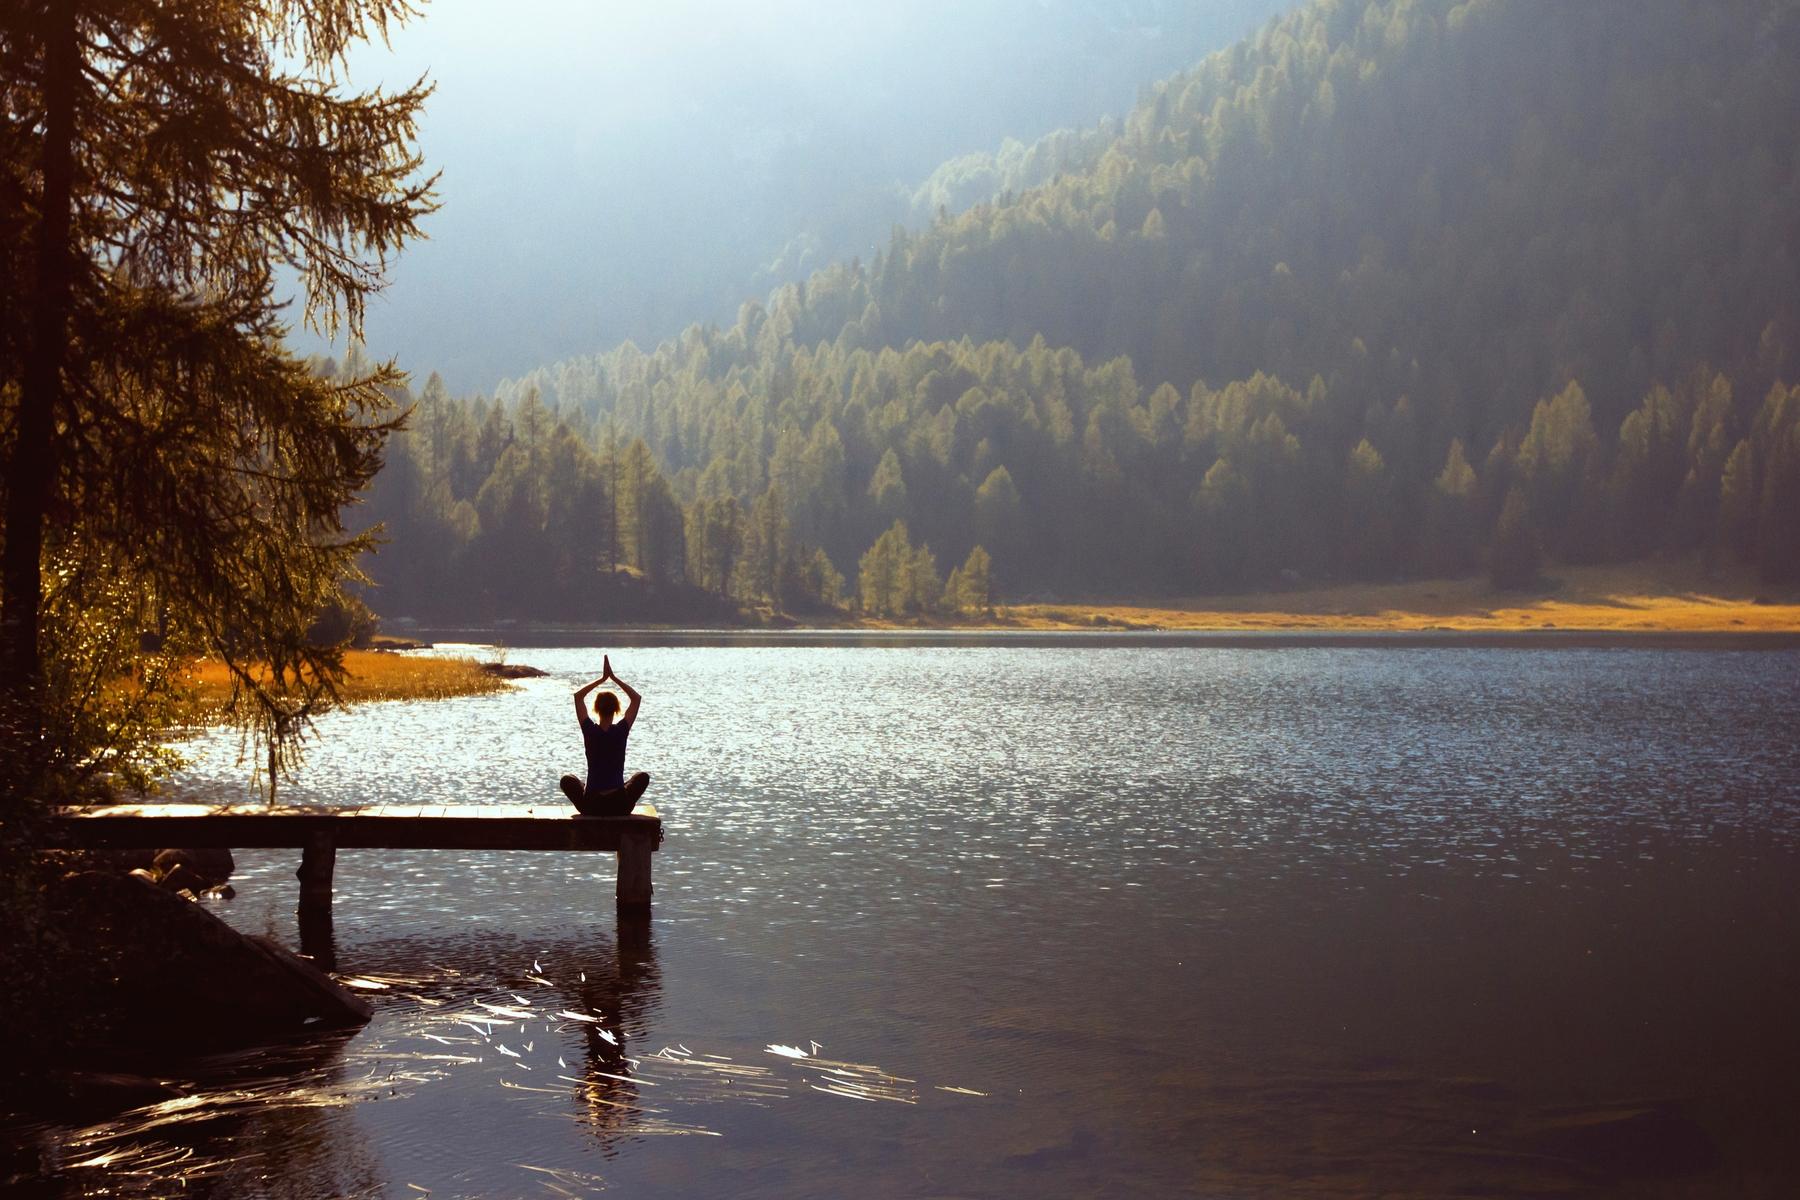 turismo pós-covid-19, yoga, equilíbrio